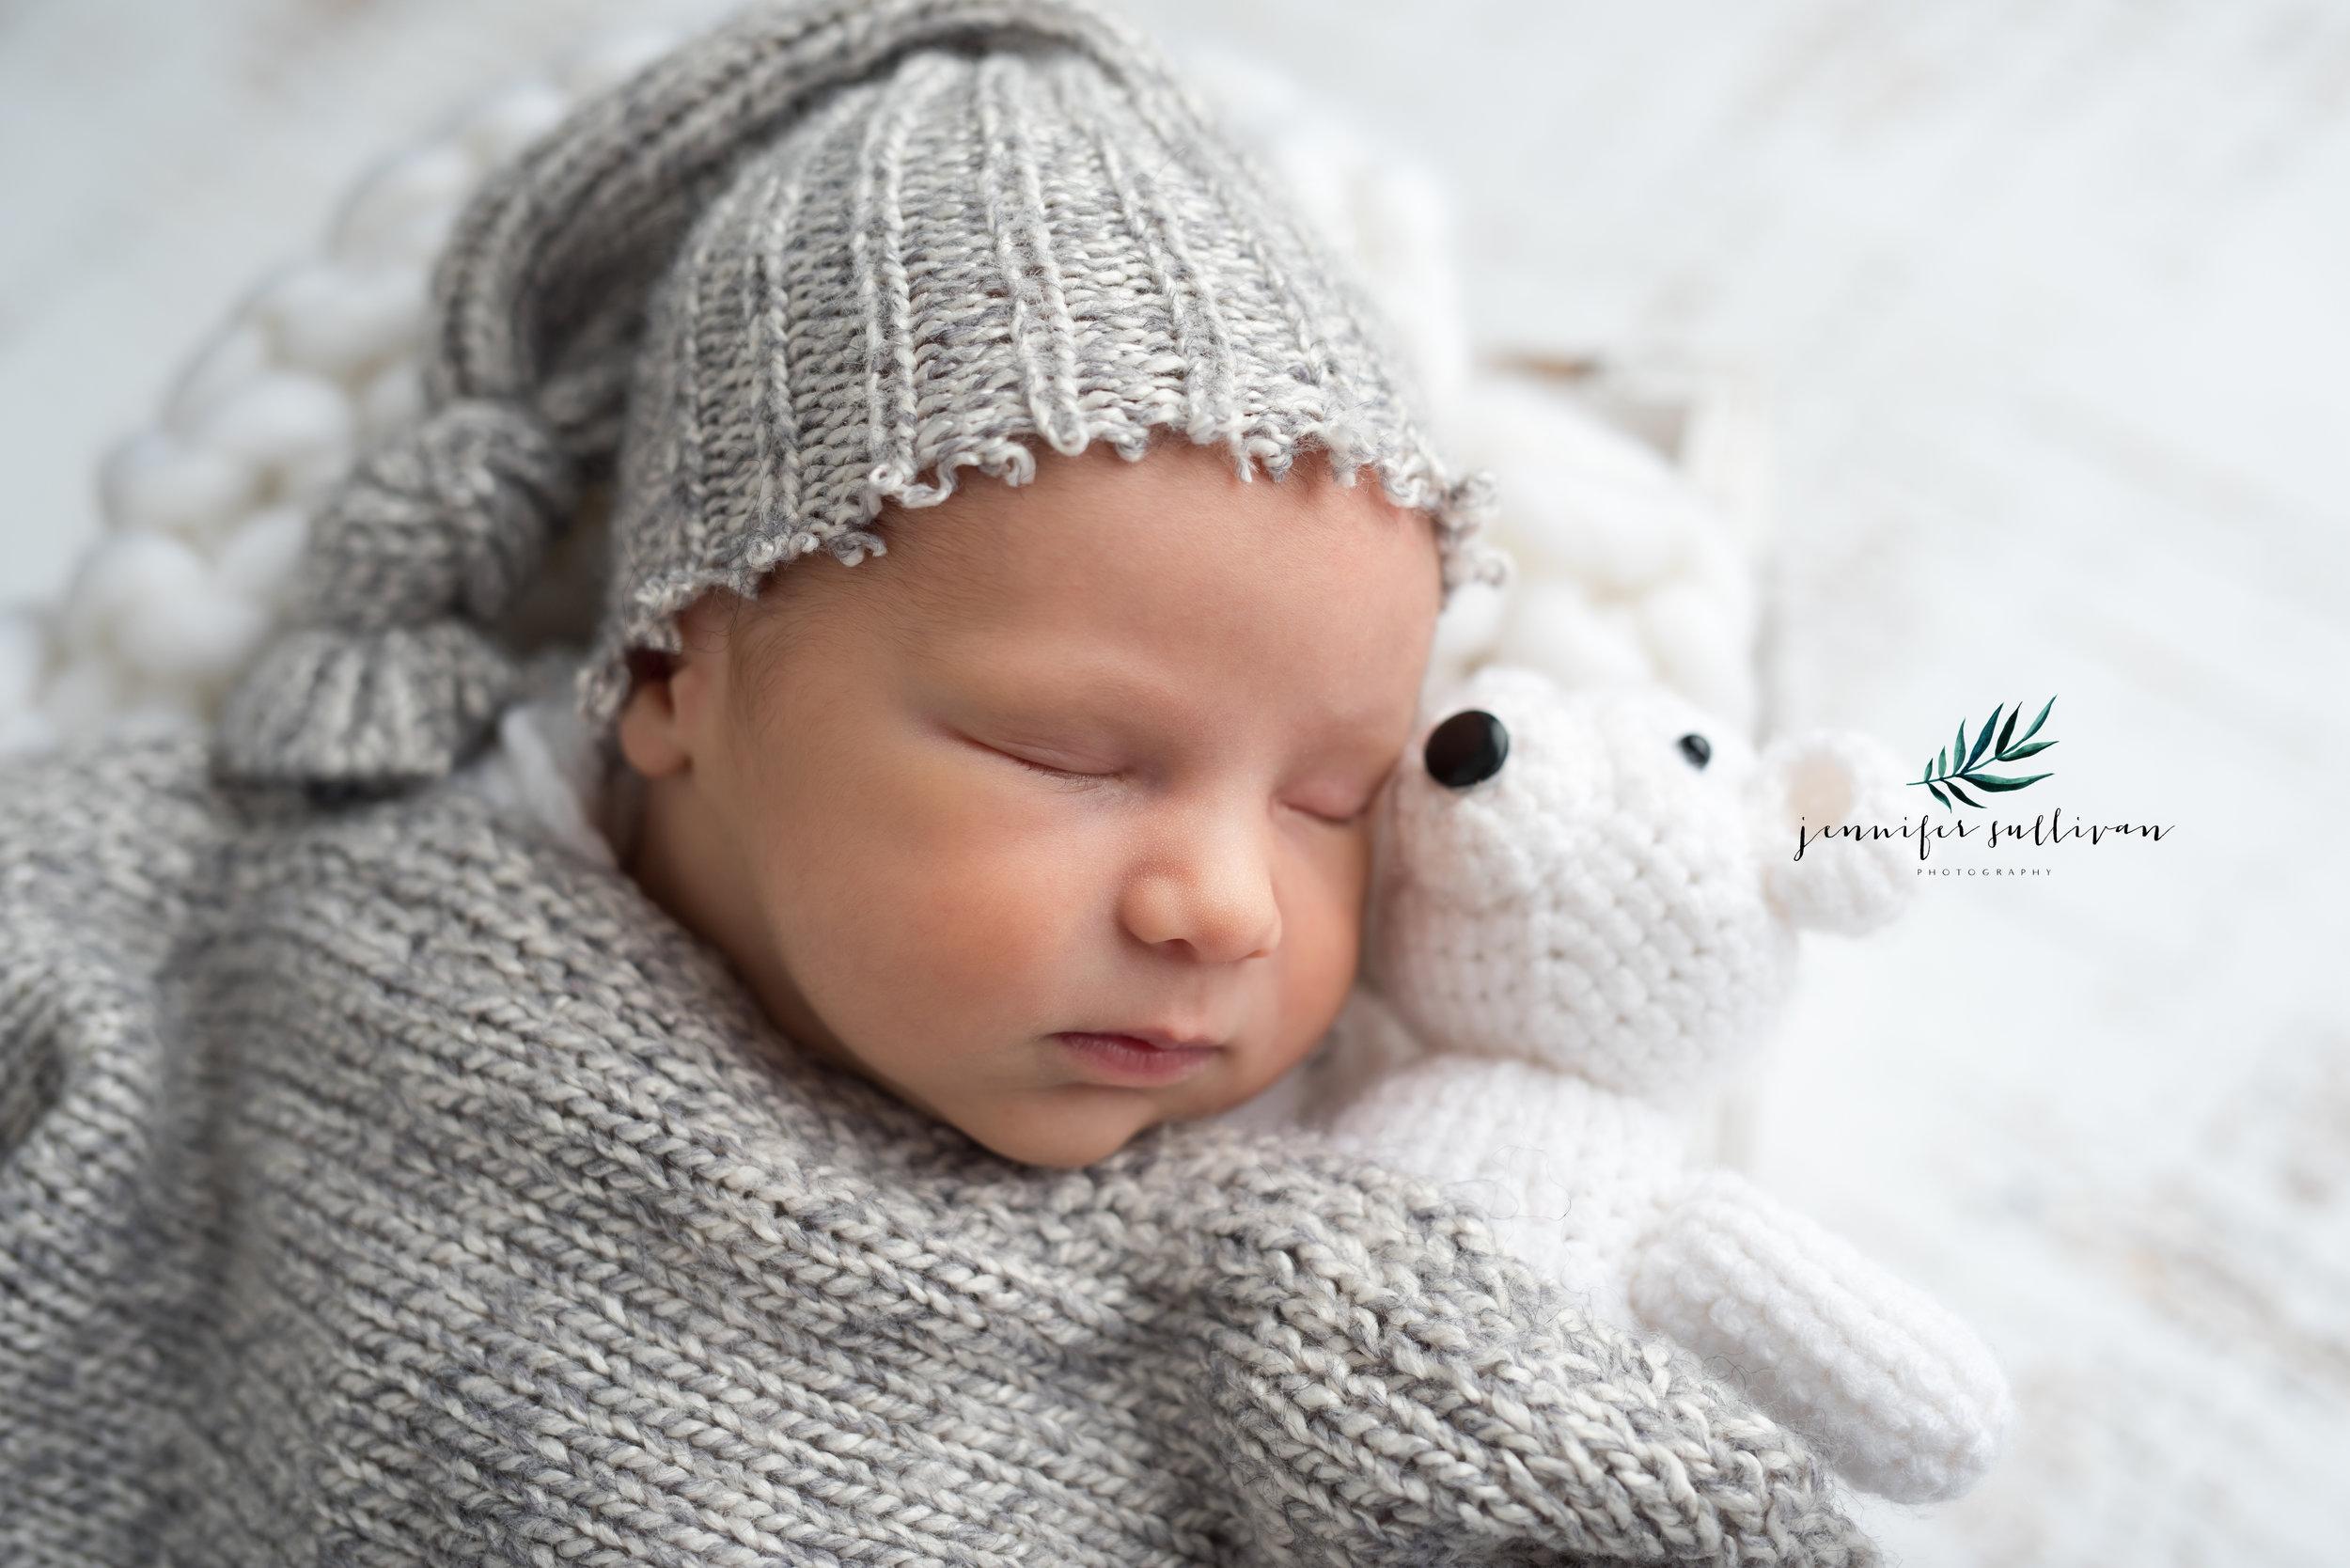 dartmouth newborn baby photographer -400-4.jpg